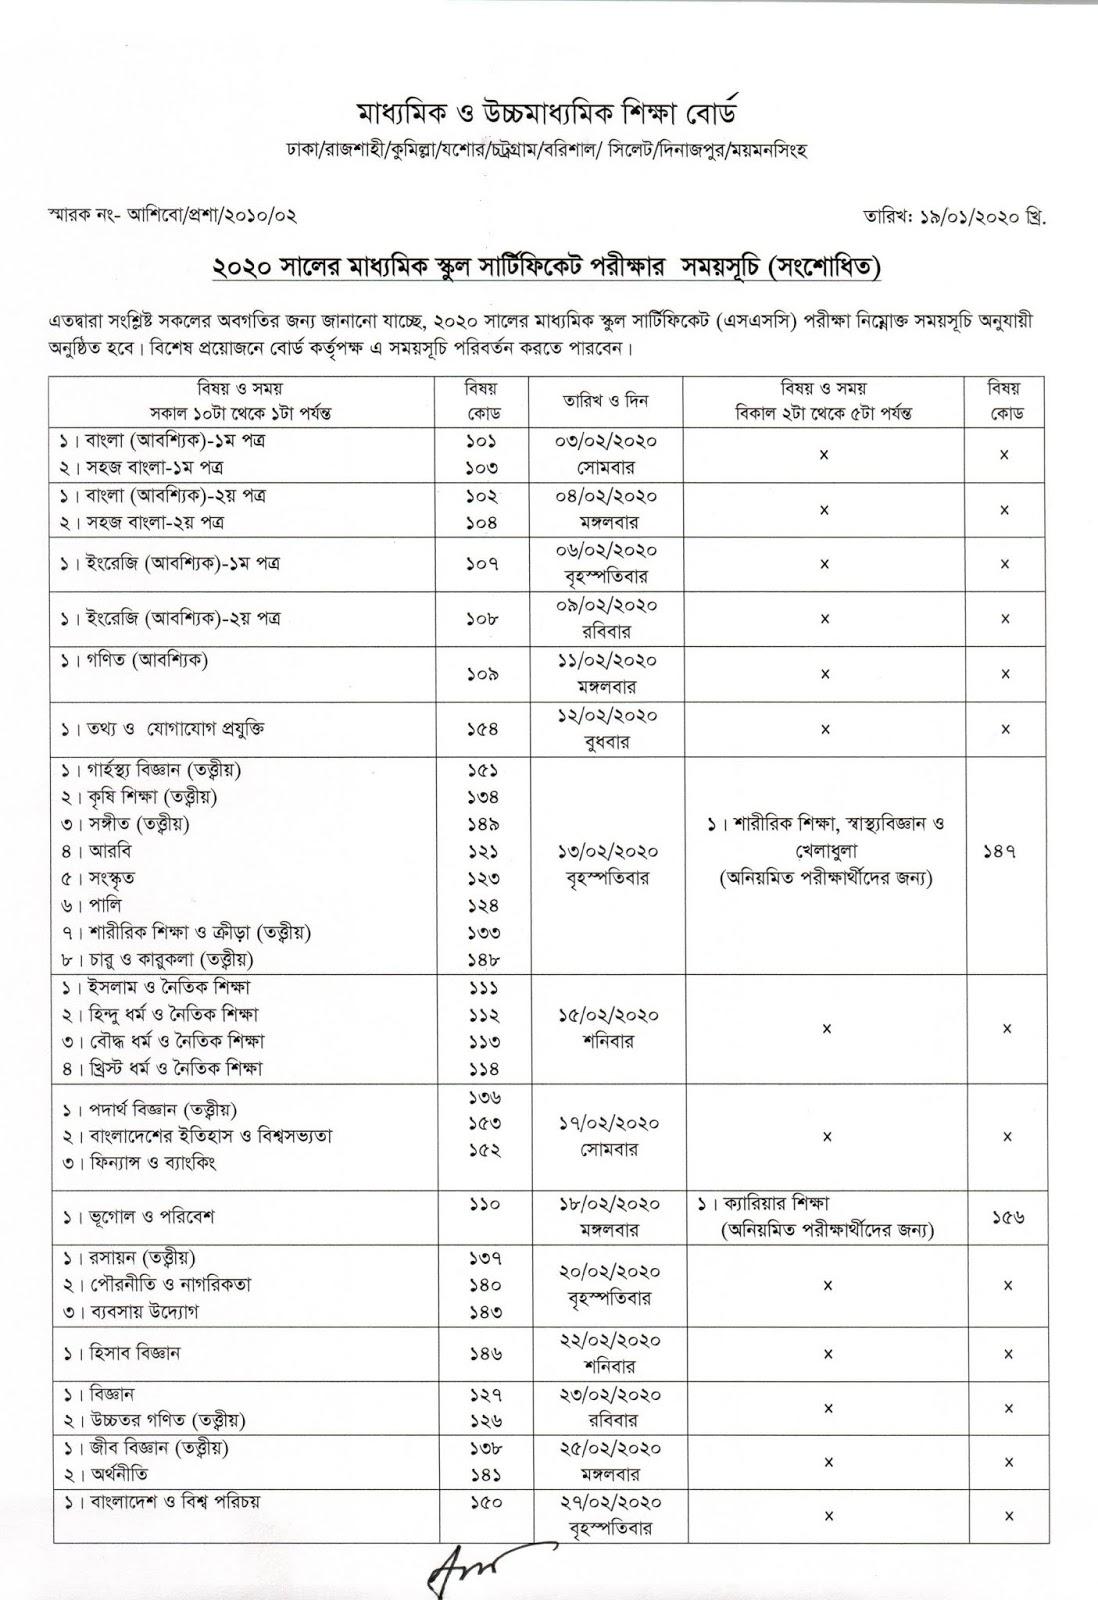 SSC, Dhakil Examination 2020 Routine